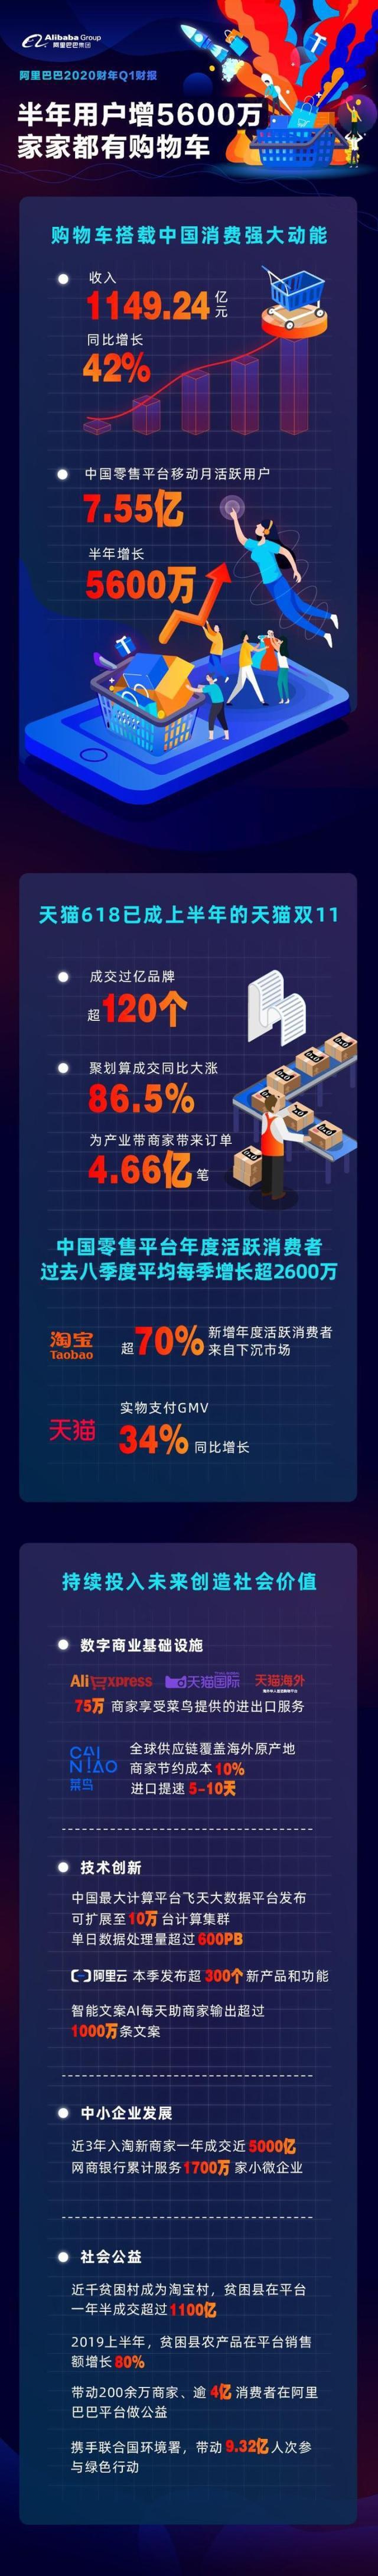 阿里巴巴第一財季營收1149.24億元 同比增長42%_零售_電商報